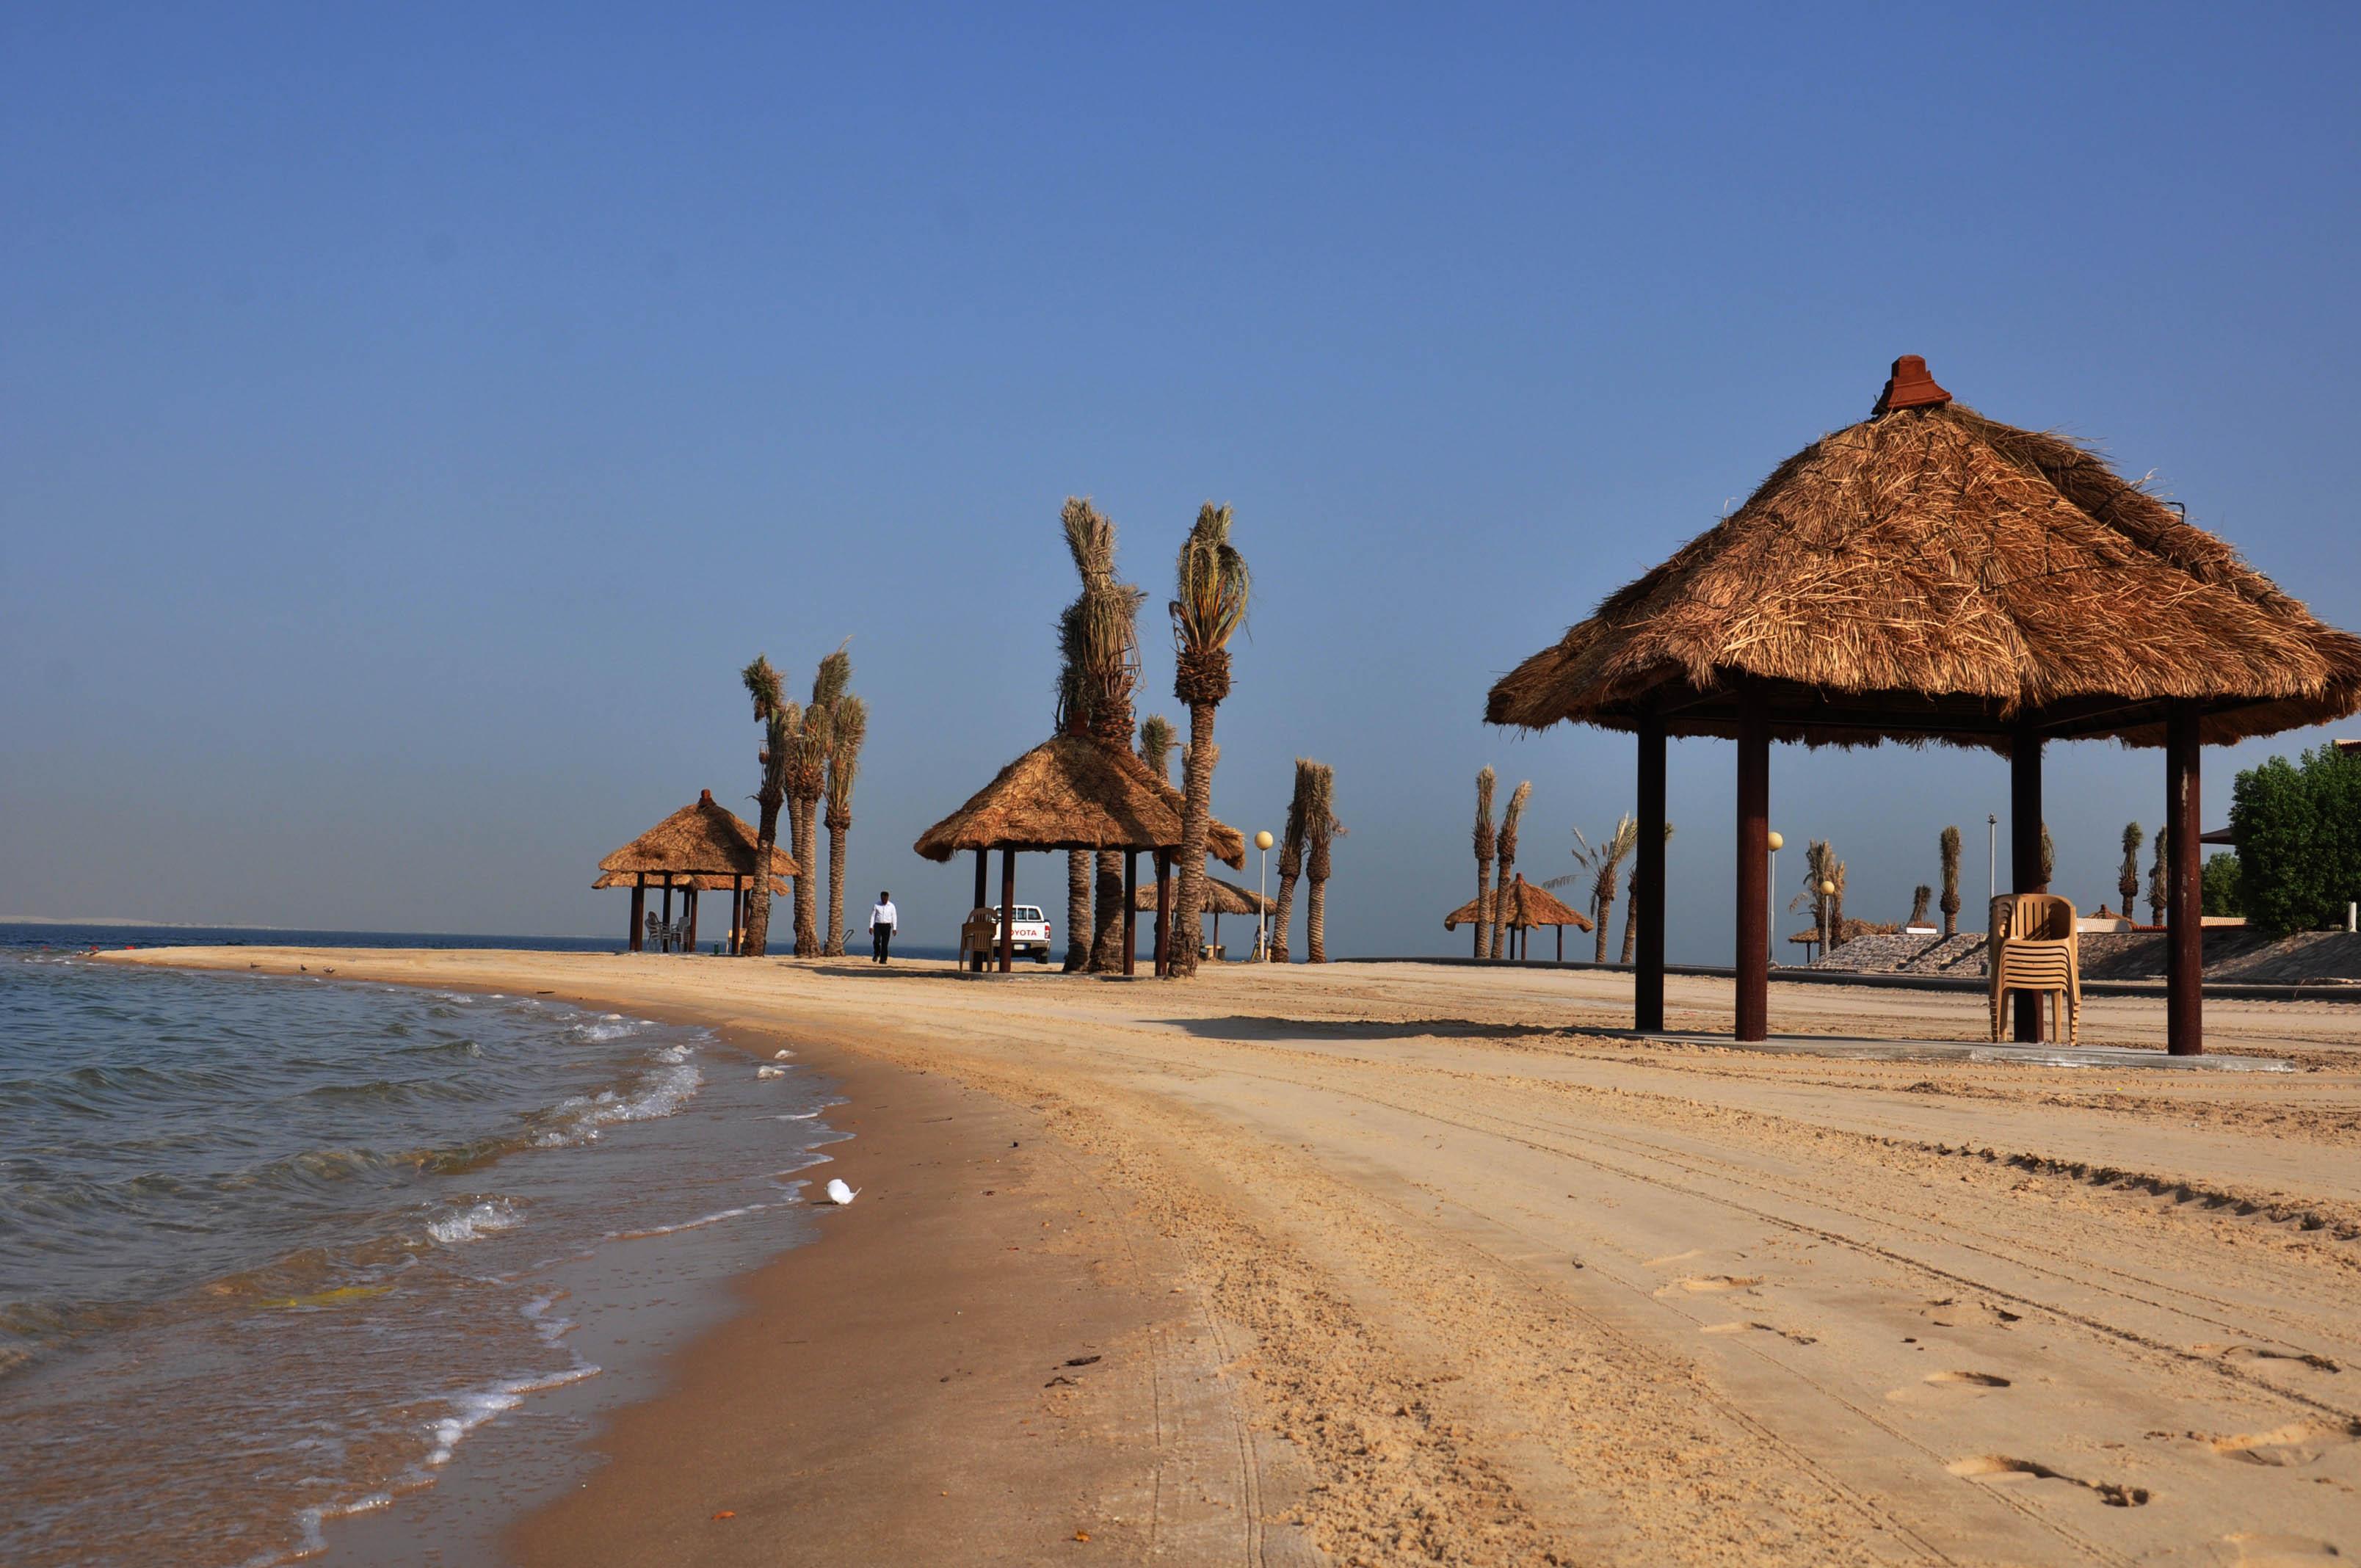 صوره منتزه شاطئ النخيل بالجبيل , اروع المناظر التي تذهلك